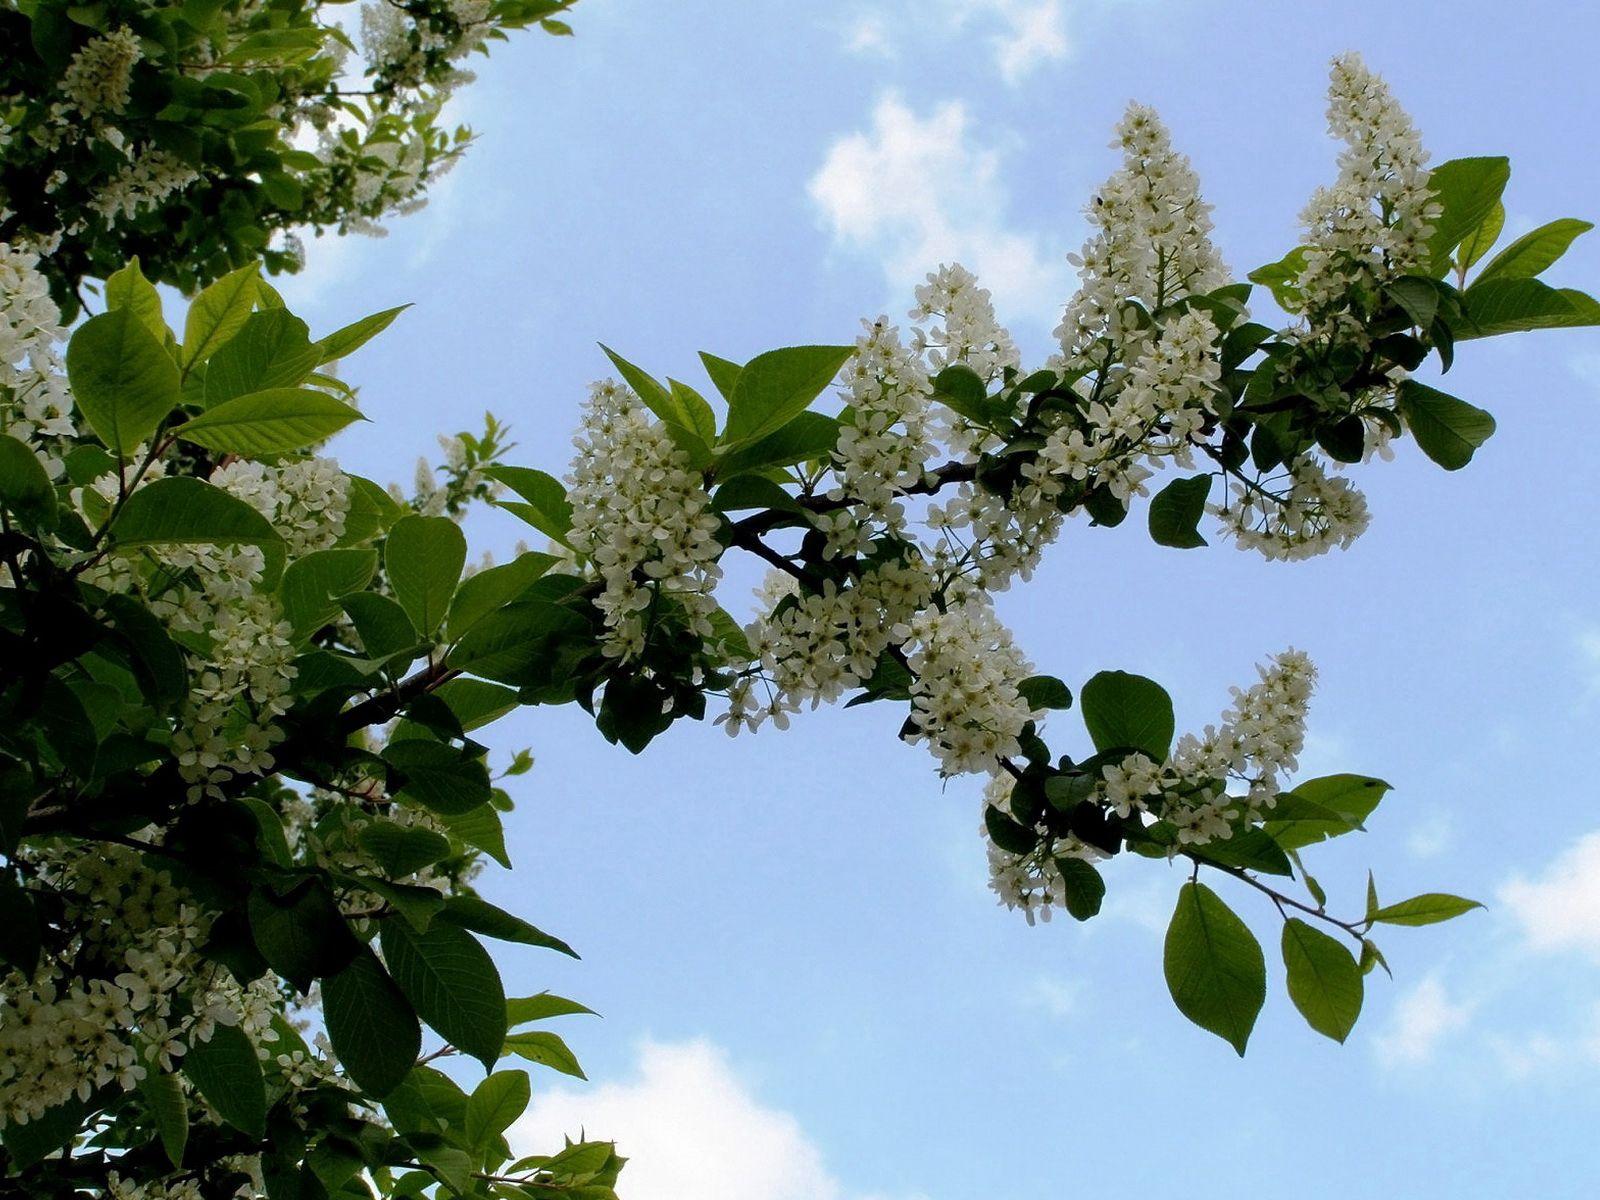 101648 скачать обои Цветы, Черемуха, Цветение, Ветка, Листья, Небо, Облака - заставки и картинки бесплатно